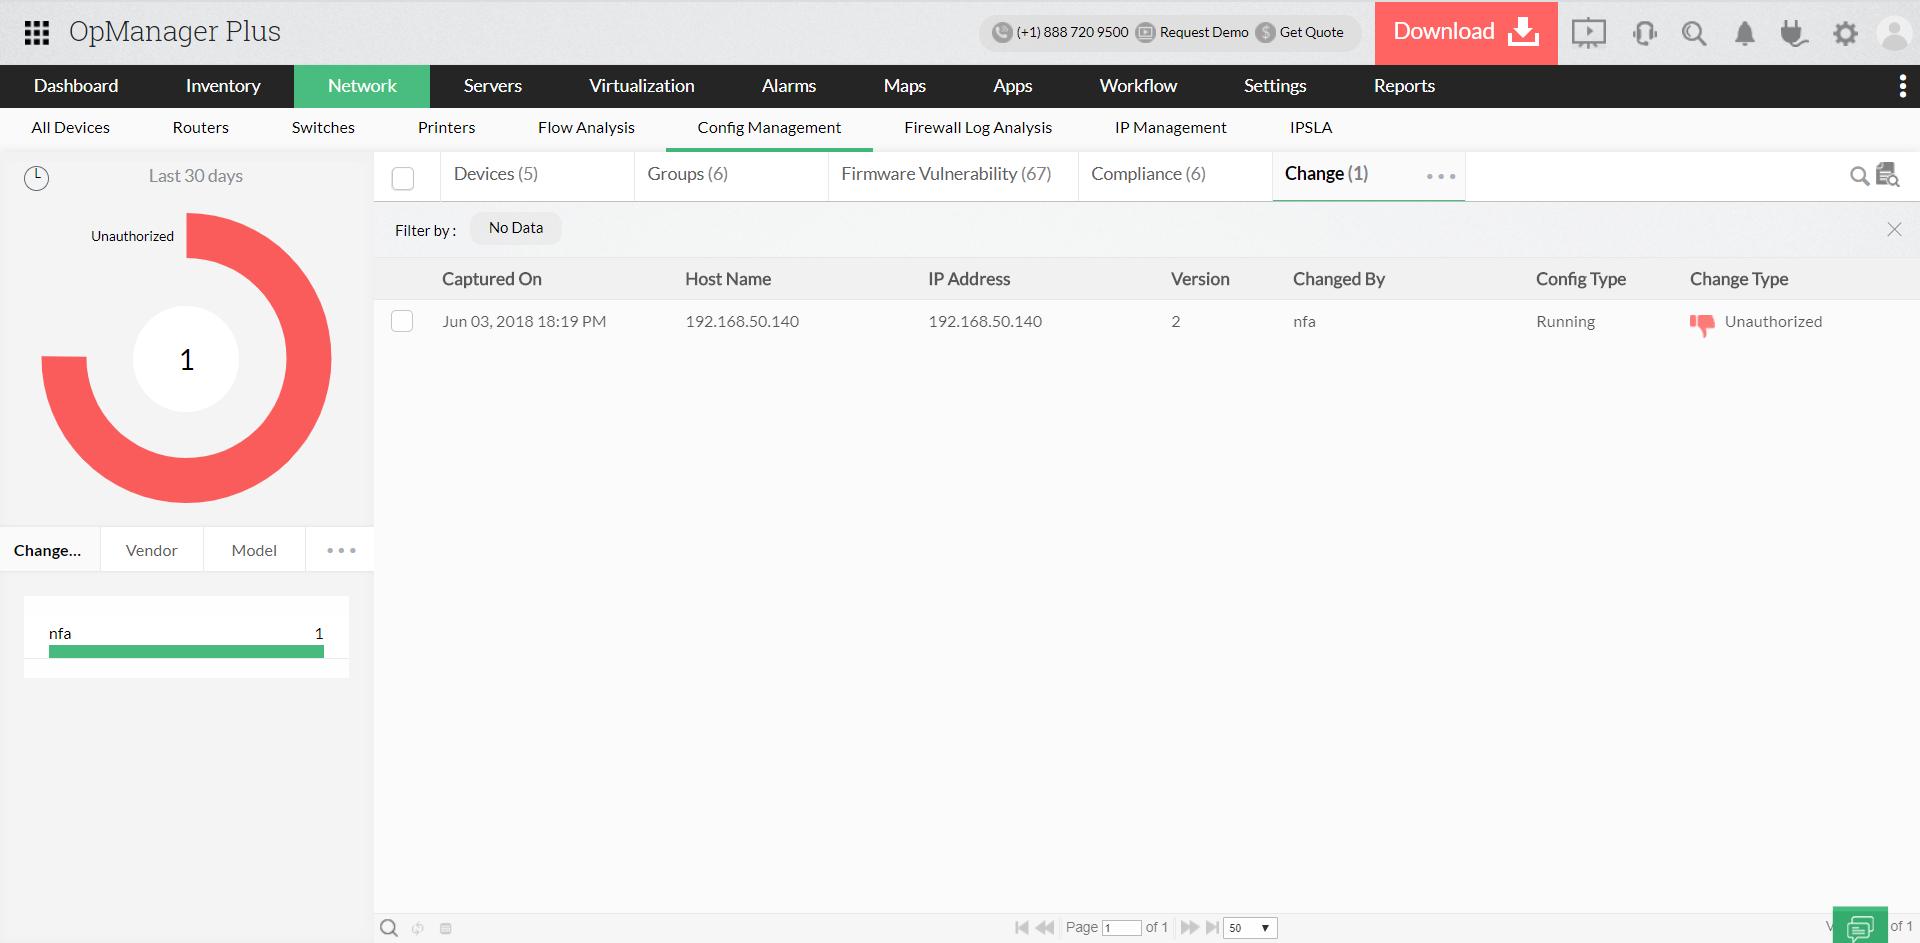 Suivi des modifications de configuration - ManageEngine OpManager Plus